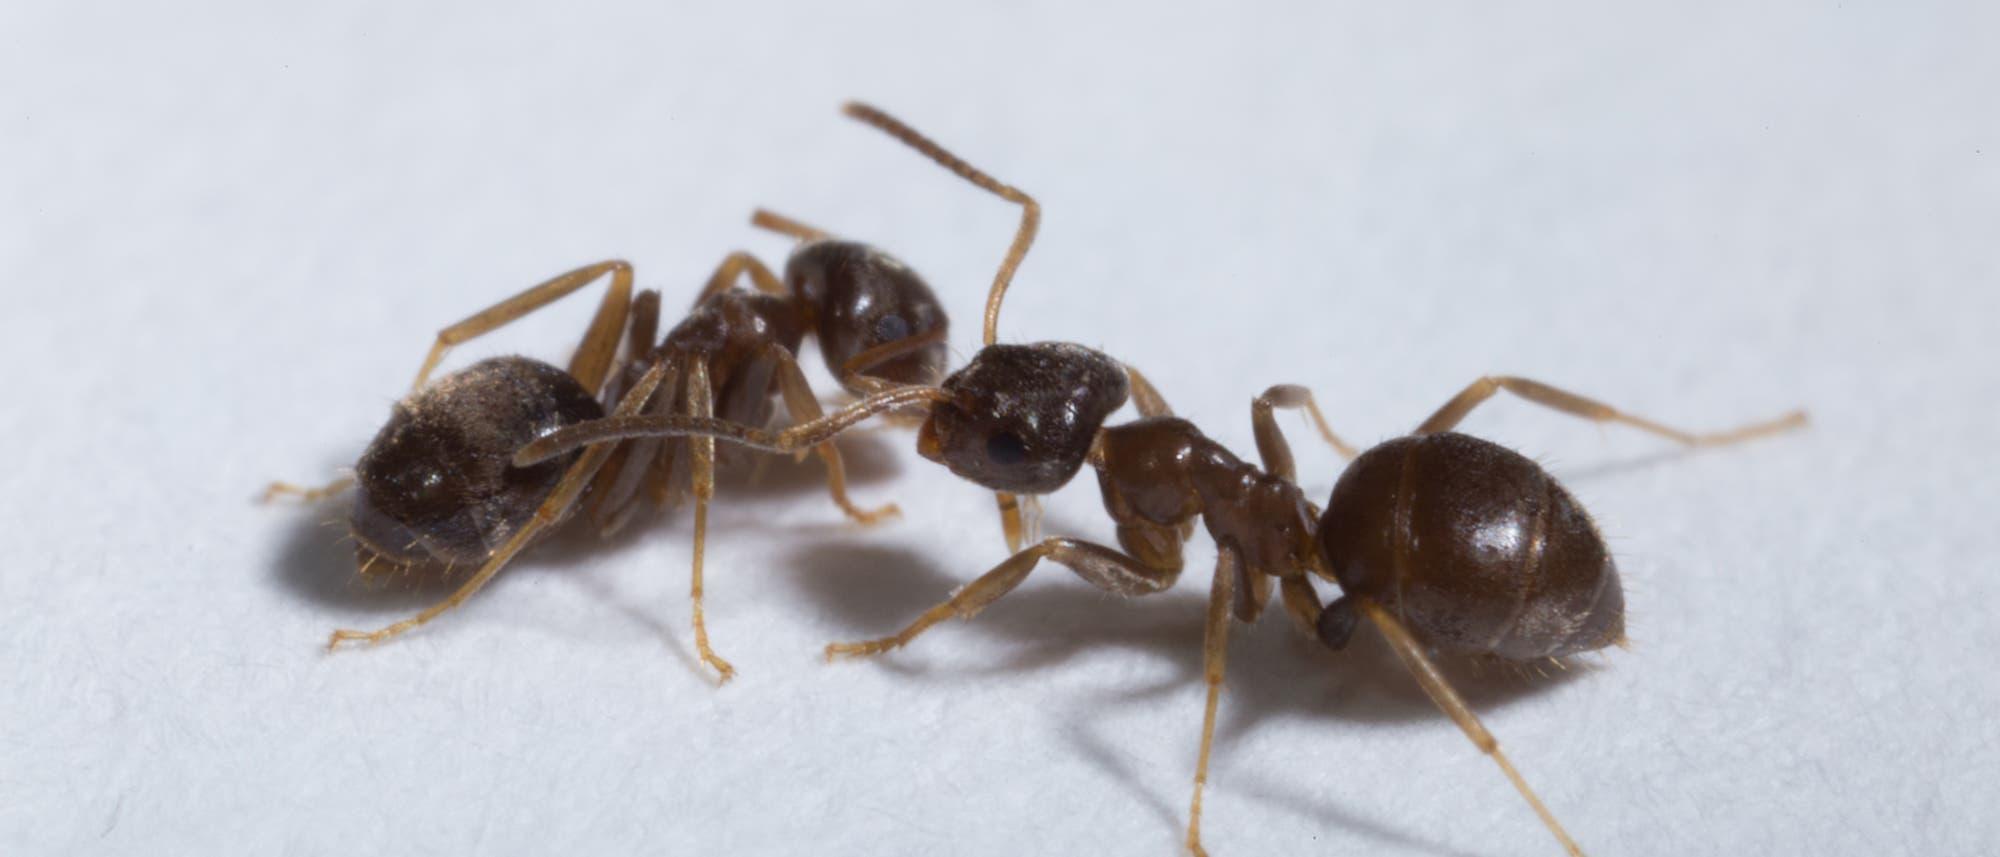 Ameisen der Art Lasius neglectus